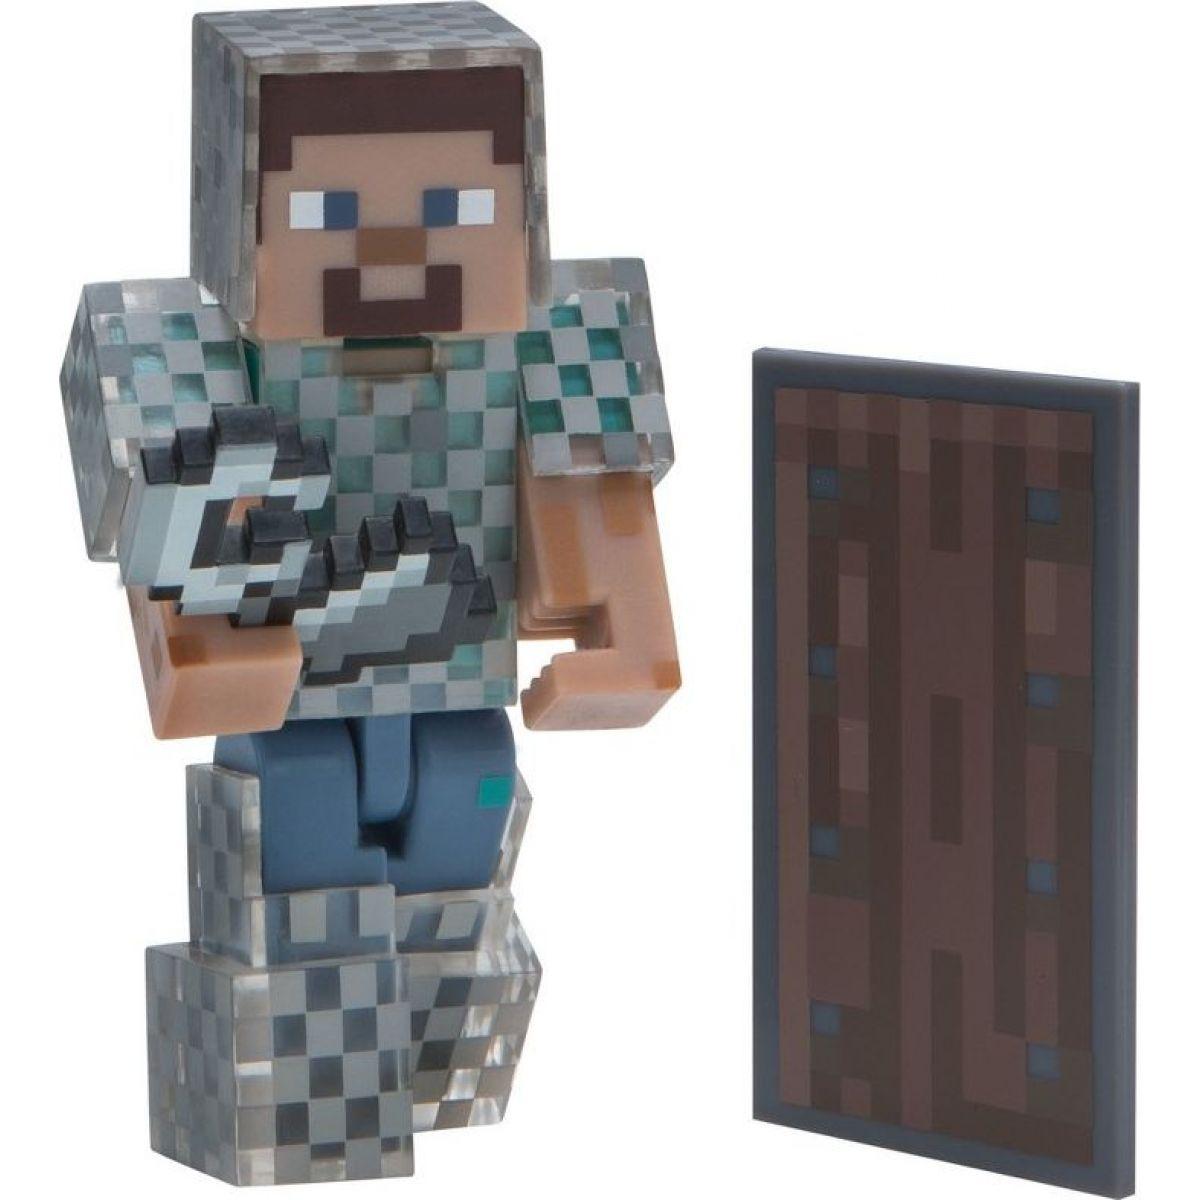 Minecraft figúrka Steve v reťazovej zbrojí